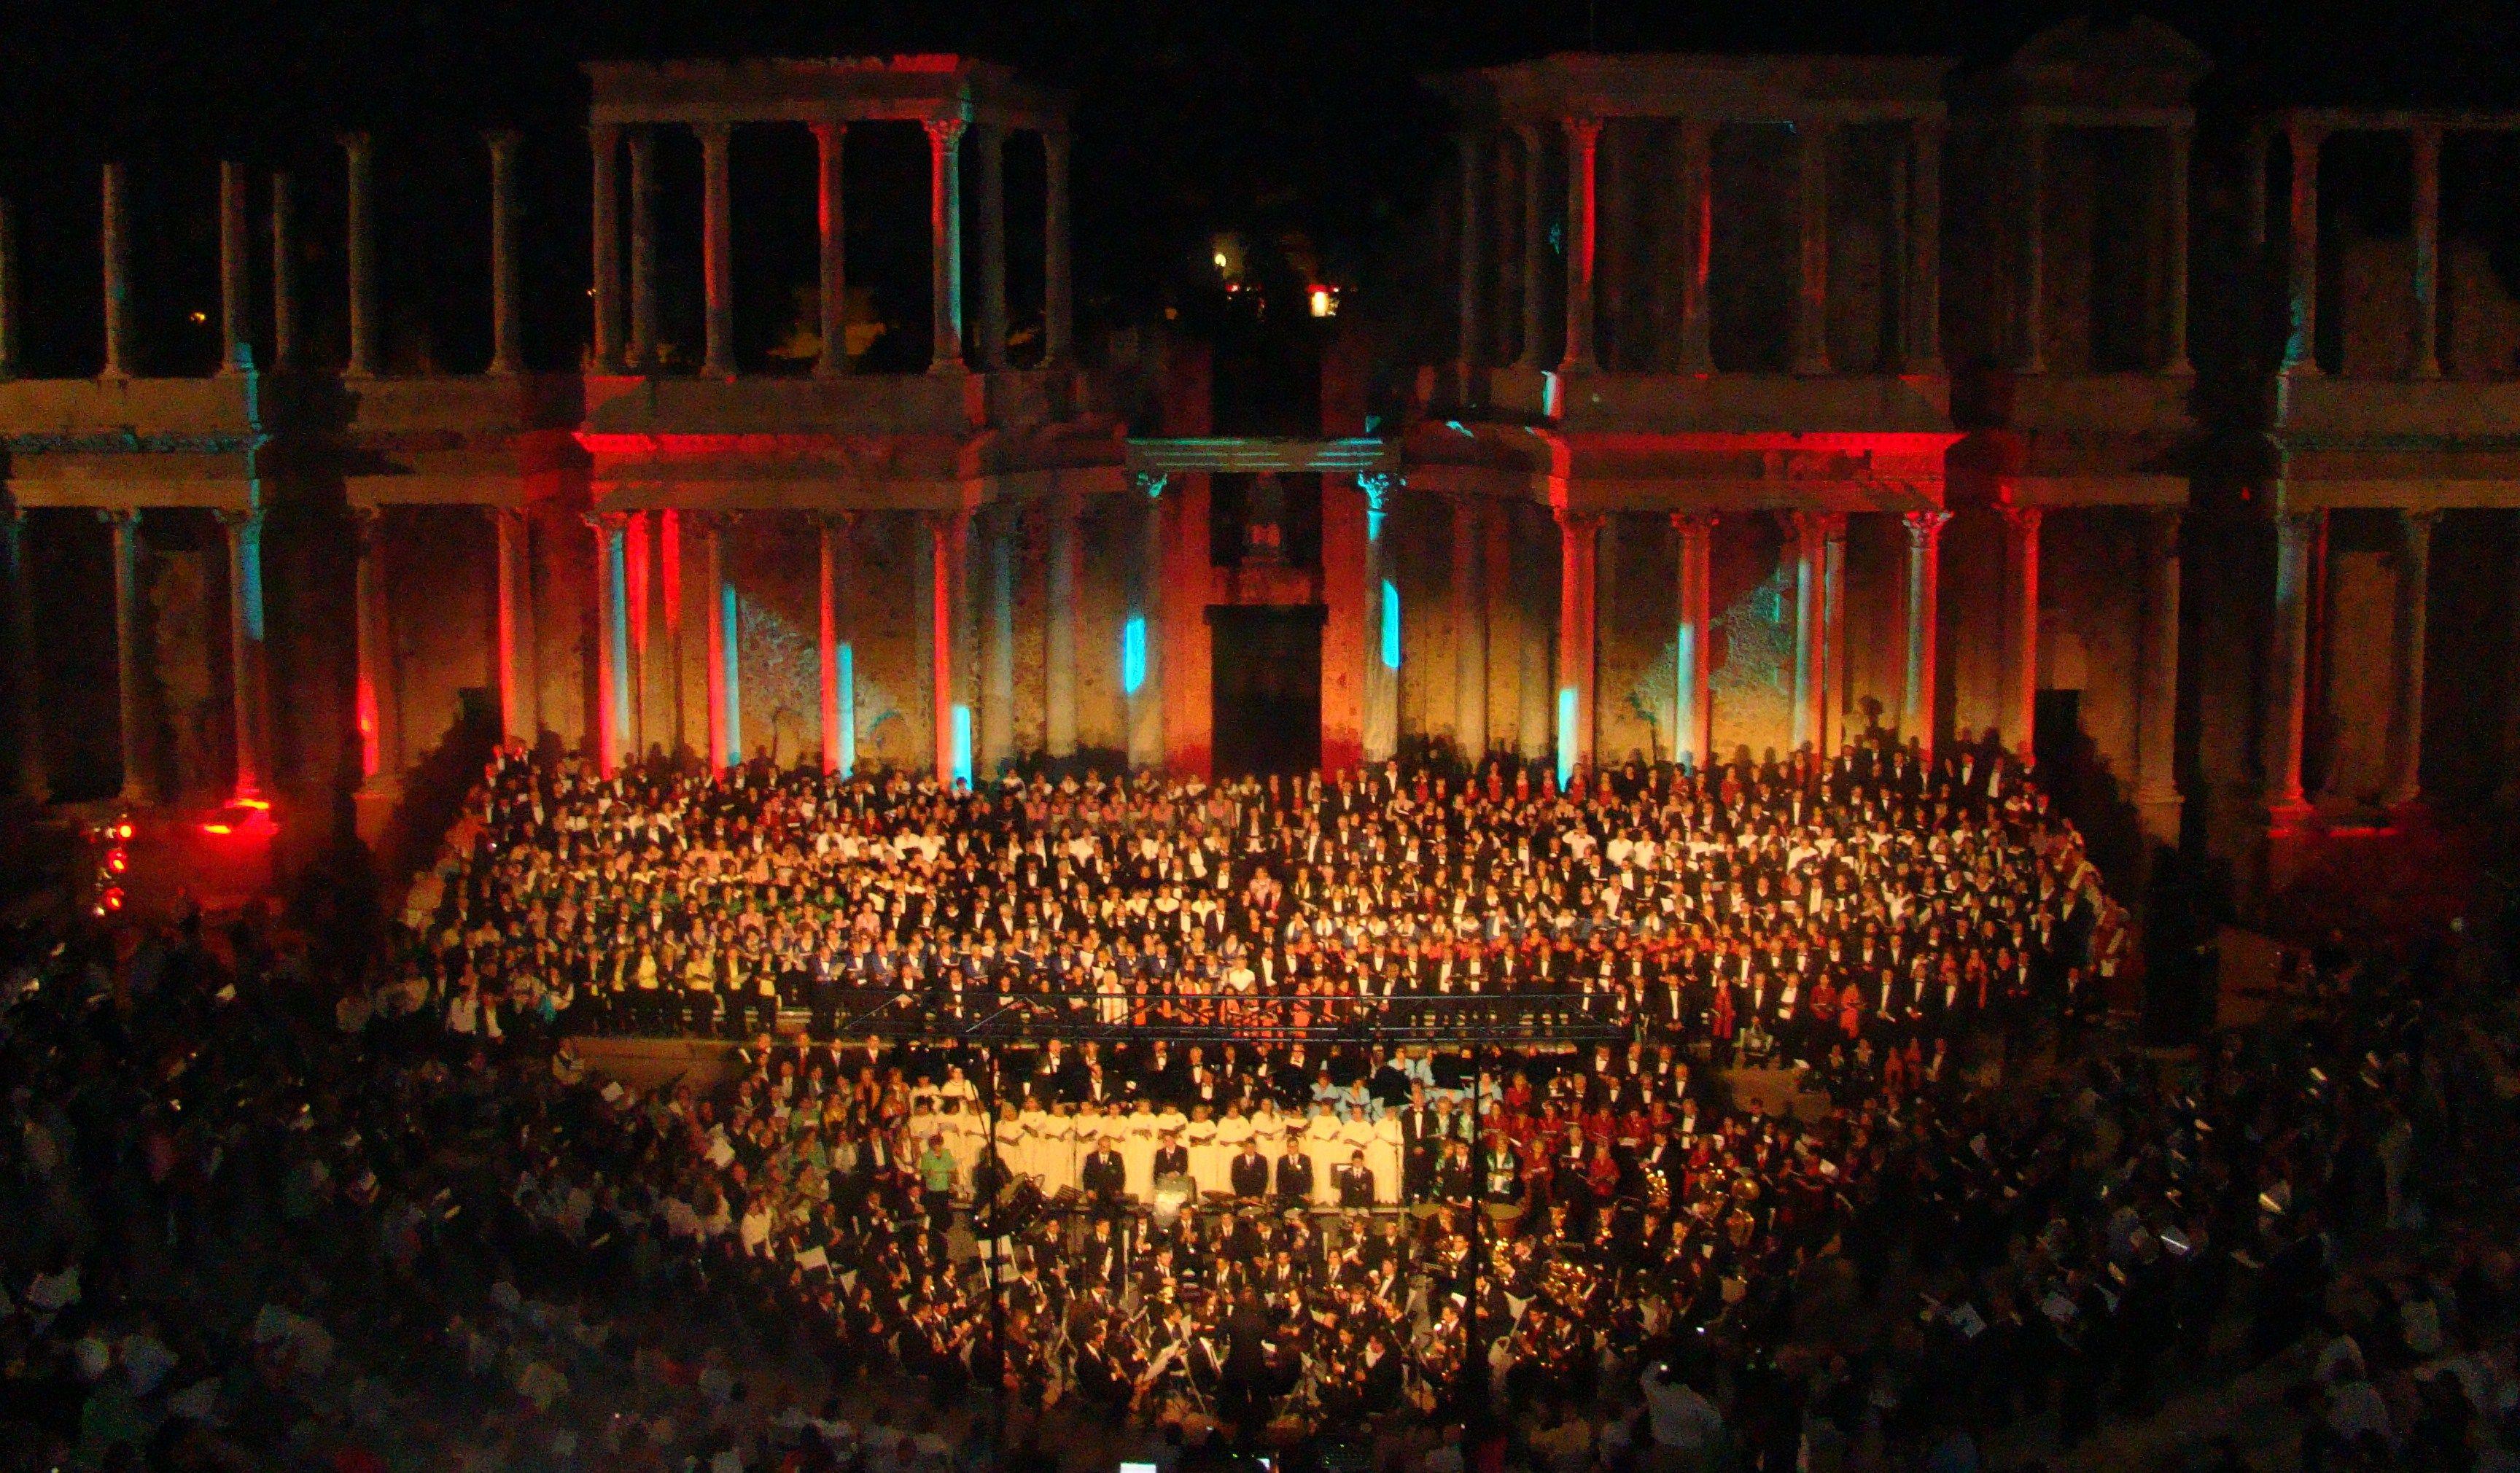 teatro romano de merida - Google-søk